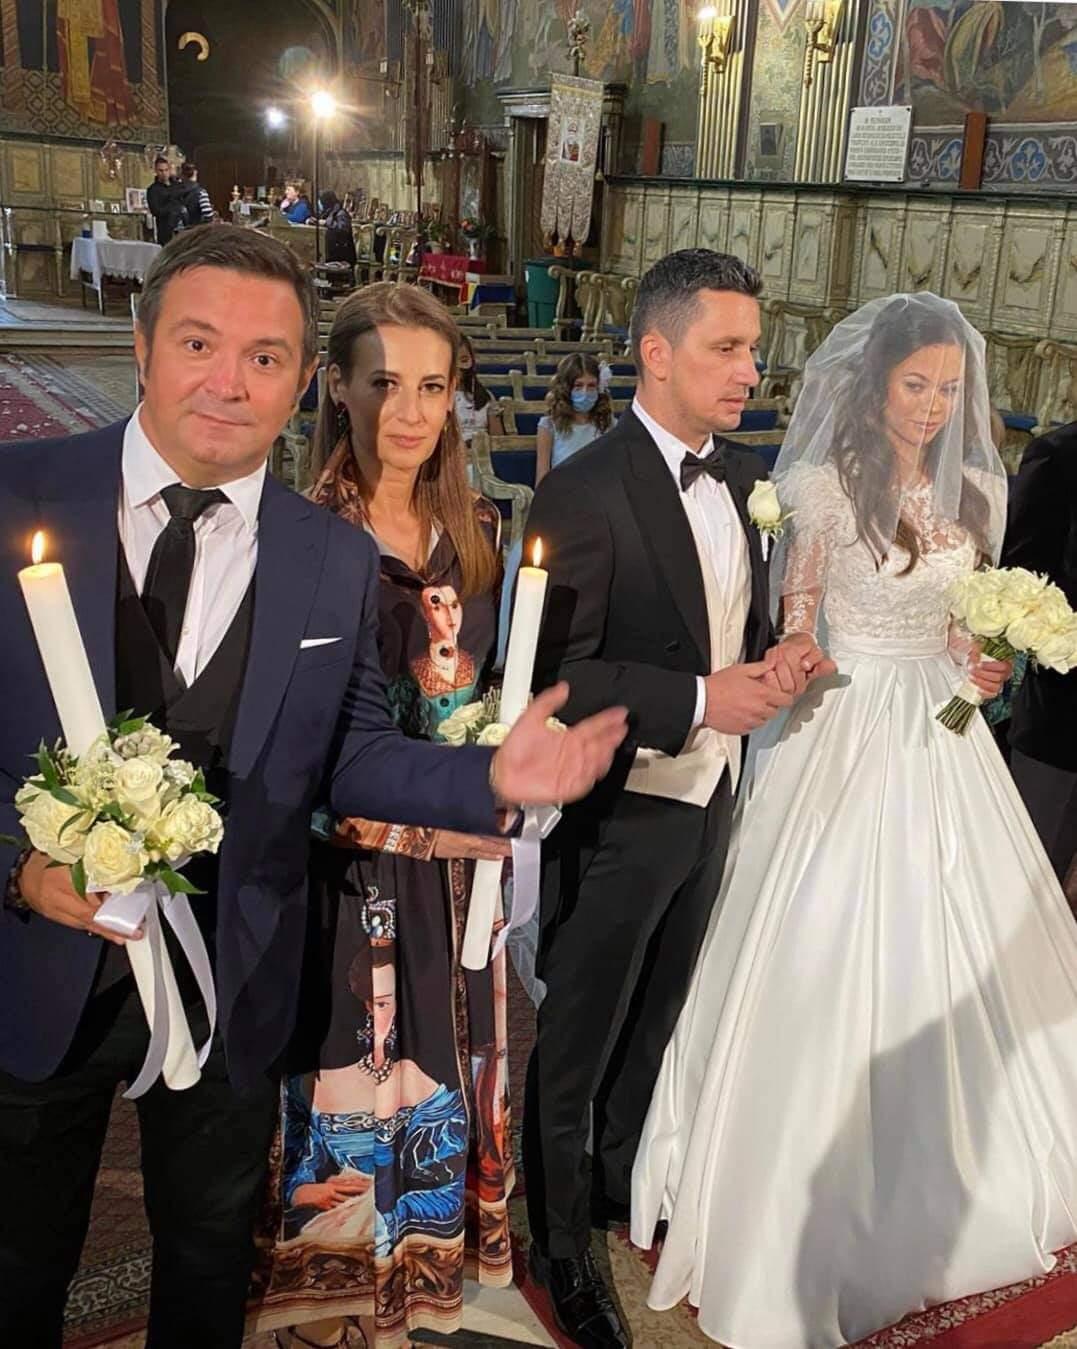 """O mulțime de evenimente weekendul trecut, iar printre cei care și-au unit destinele în față preotului a fost și Andrei Sebastian Filcea, cunoscut şi sub numele de Flick Domnul Rimă, care s-a căsătorit cu partenera lui de viaţă, Denisa Hodişan, nominalizată """"Miss Planet"""" în anul 2019. Flick a anunţat evenimentul pe reţelele de socializare, postând o fotografie de la nuntă, de plajă. Cei doi s-au căsătorit în urmă cu câte săptămâni pe insula Creta, Grecia, iar naşi le-au fost Daniel Buzdugan şi soţia lui. Iar weekendul acesta cei doi au făcut nuntă în biserică, la Oradea. Tânăra sexy a îmbrăcat o rochie de mireasă extrem de frumoasă și sexy, care i s-a potrivit de minune, mai ales că a devenit doamna Flicea. Nași au fost Daniel Buzdugan și soția sa și au avut foarte puțini invitați având în vedere noile restricții. Naşul a scris următorul text lîngă fotografiile cu mirii și nași: """"Oradea, un oraș̦ al faptelor bune. Casă de piatră dragii noștri! La mulți ani, Oradea, azi de ziua ta!"""". Iar Flick a scris pe pagina sa de socializare următoarele versuri: """"Și ți-am promis la marea albastră/ Că o să fiu al tău mereu./ Și am dus ieri povestea noastră/ Să ne-o sfințească Dumnezeu!/"""", versuri pentru nouă lui soție Denisa Hodișan."""